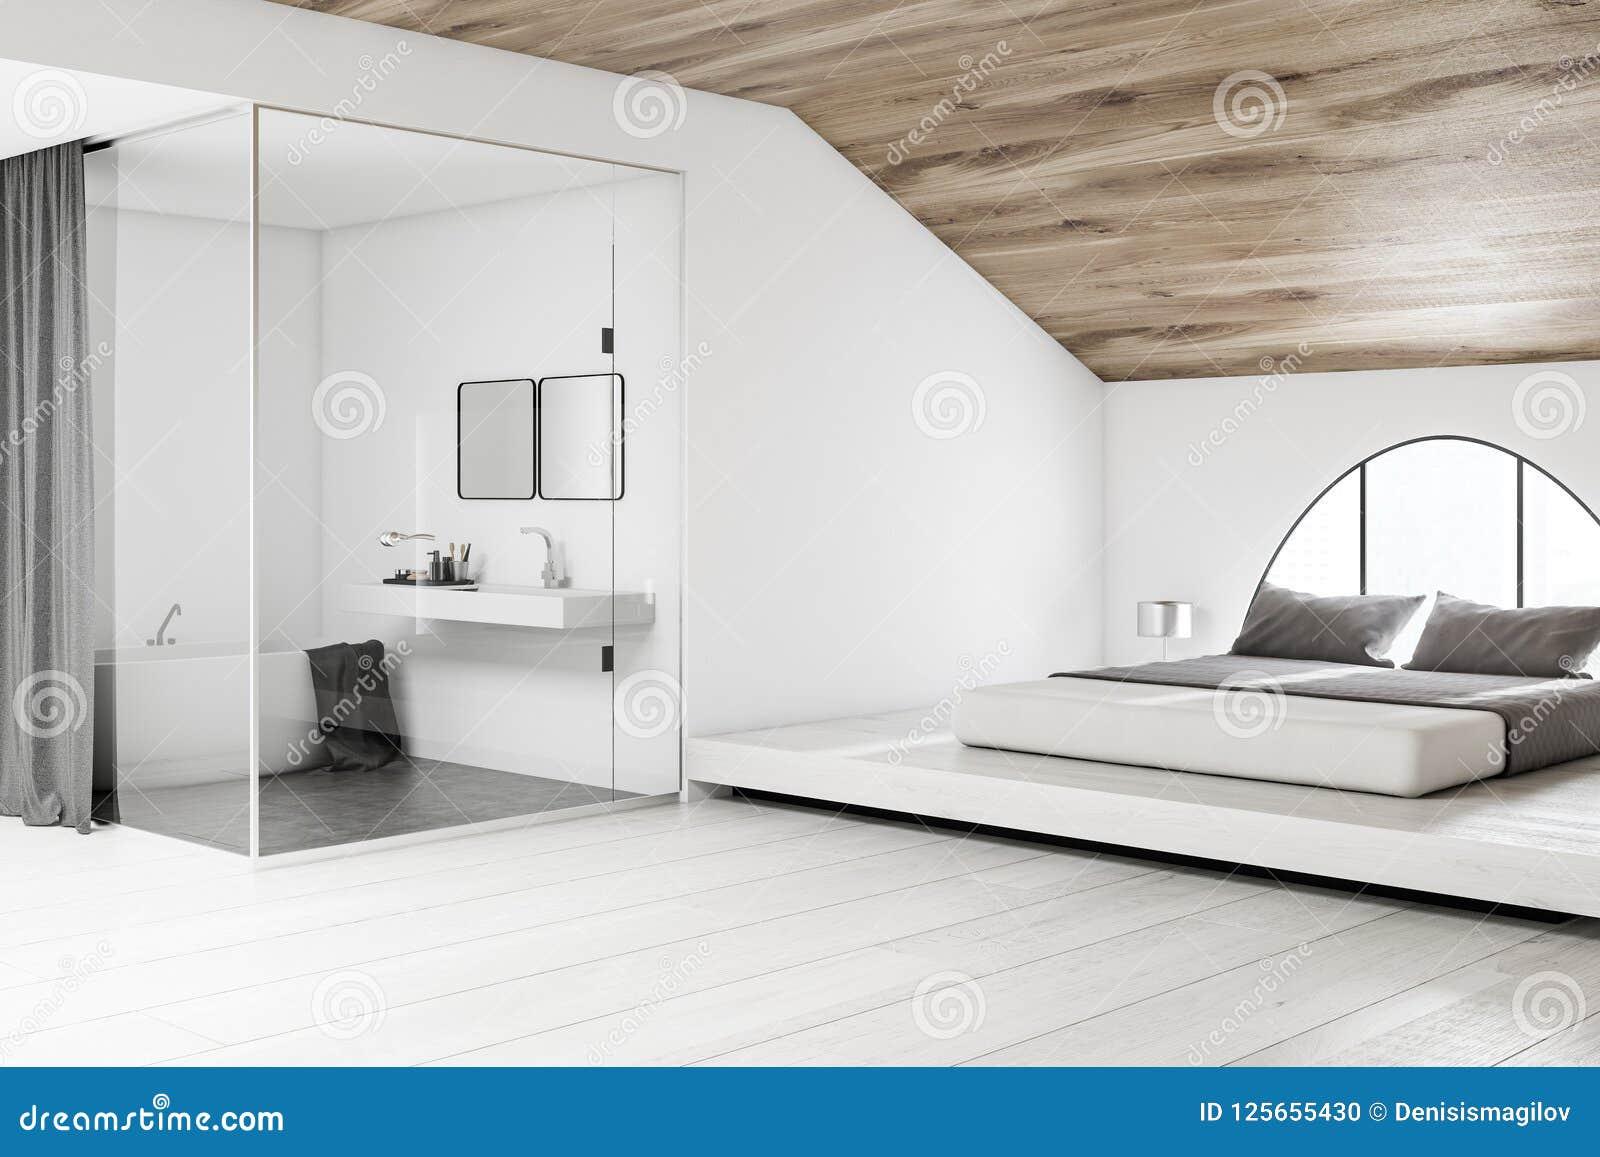 Soffitti In Legno Bianco : Angolo bianco della camera da letto della soffitta bagno soffitto